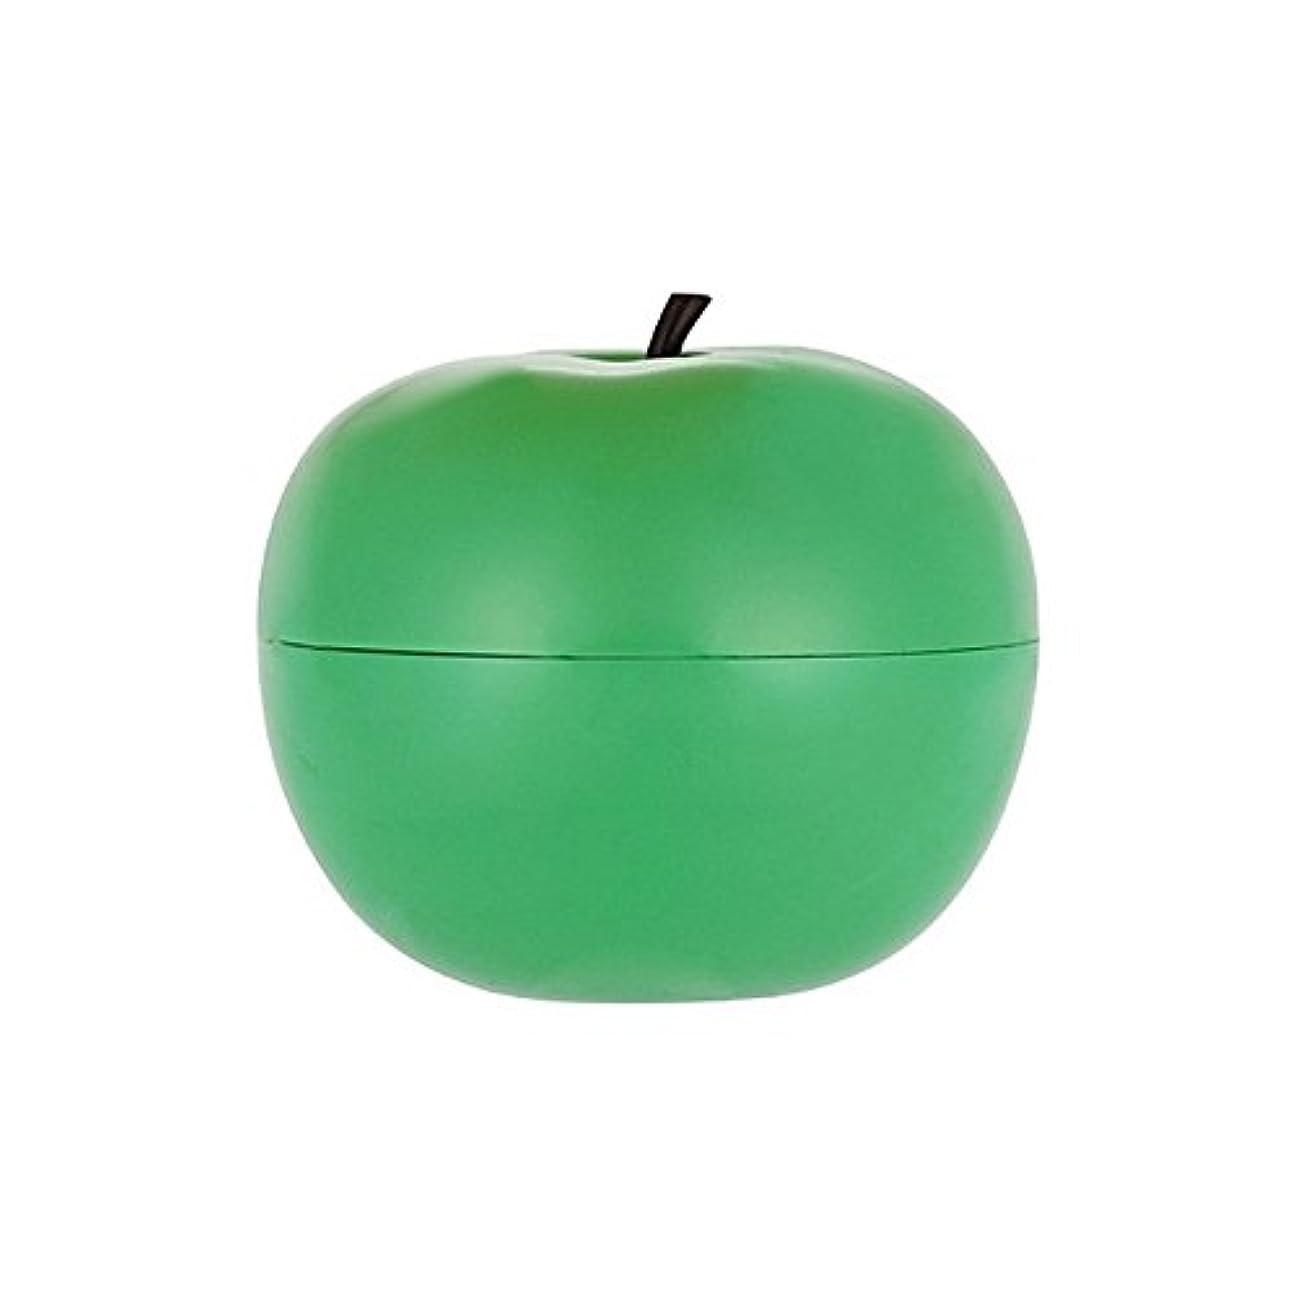 地雷原抑止するクーポントニーモリースムーズマッサージピーリングクリーム80グラム x2 - Tony Moly Appletox Smooth Massage Peeling Cream 80G (Pack of 2) [並行輸入品]